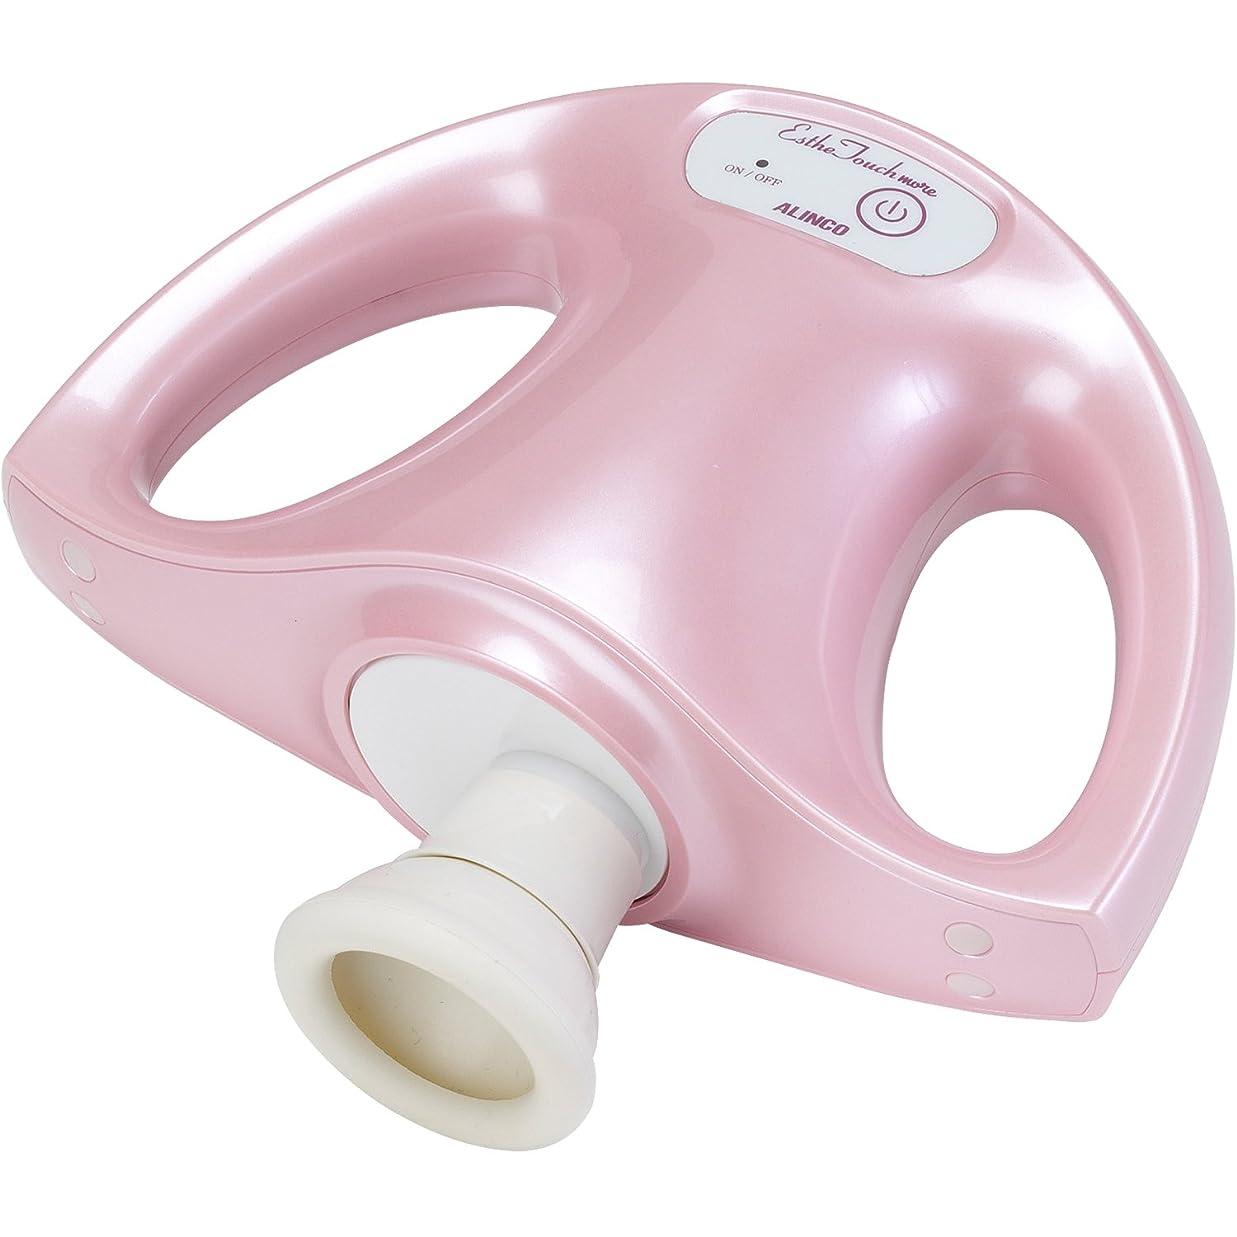 ハウジングチョップ吸収剤ALINCO(アルインコ) 美容ローラー エステタッチ モア EXG2216